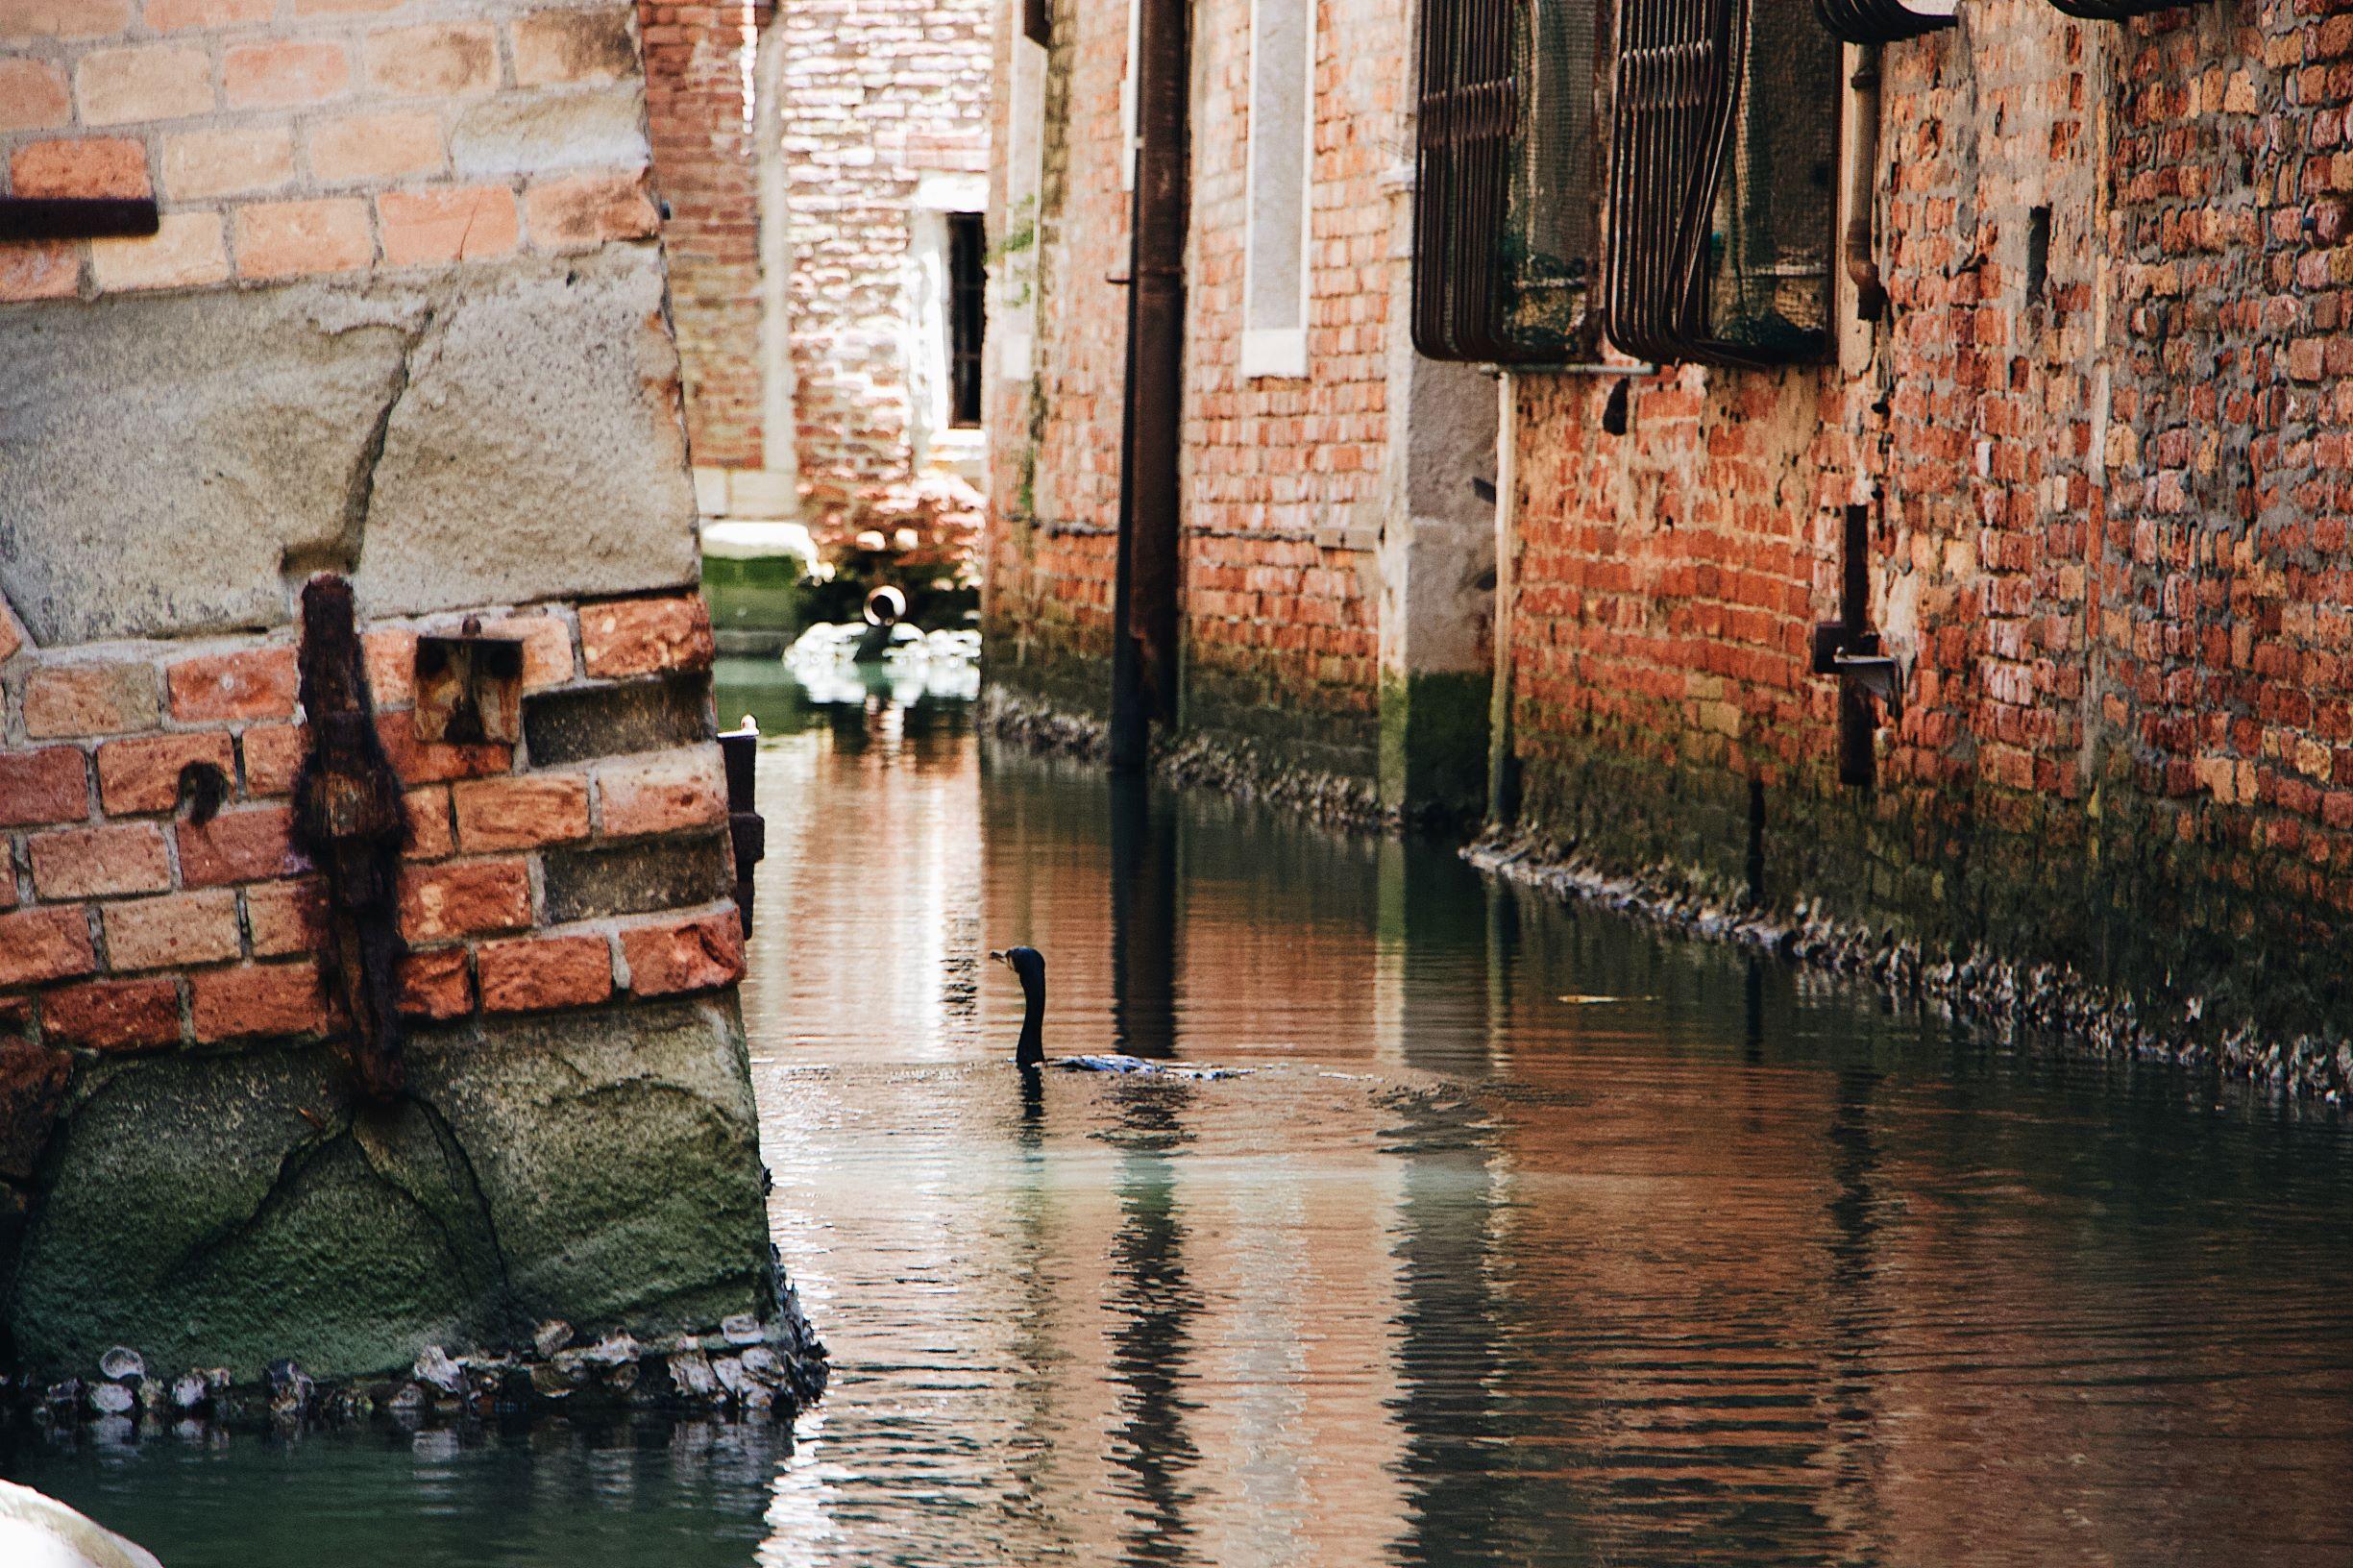 Canard sur l'eau , Venise, 2019 © Mael Balland (Unsplash)